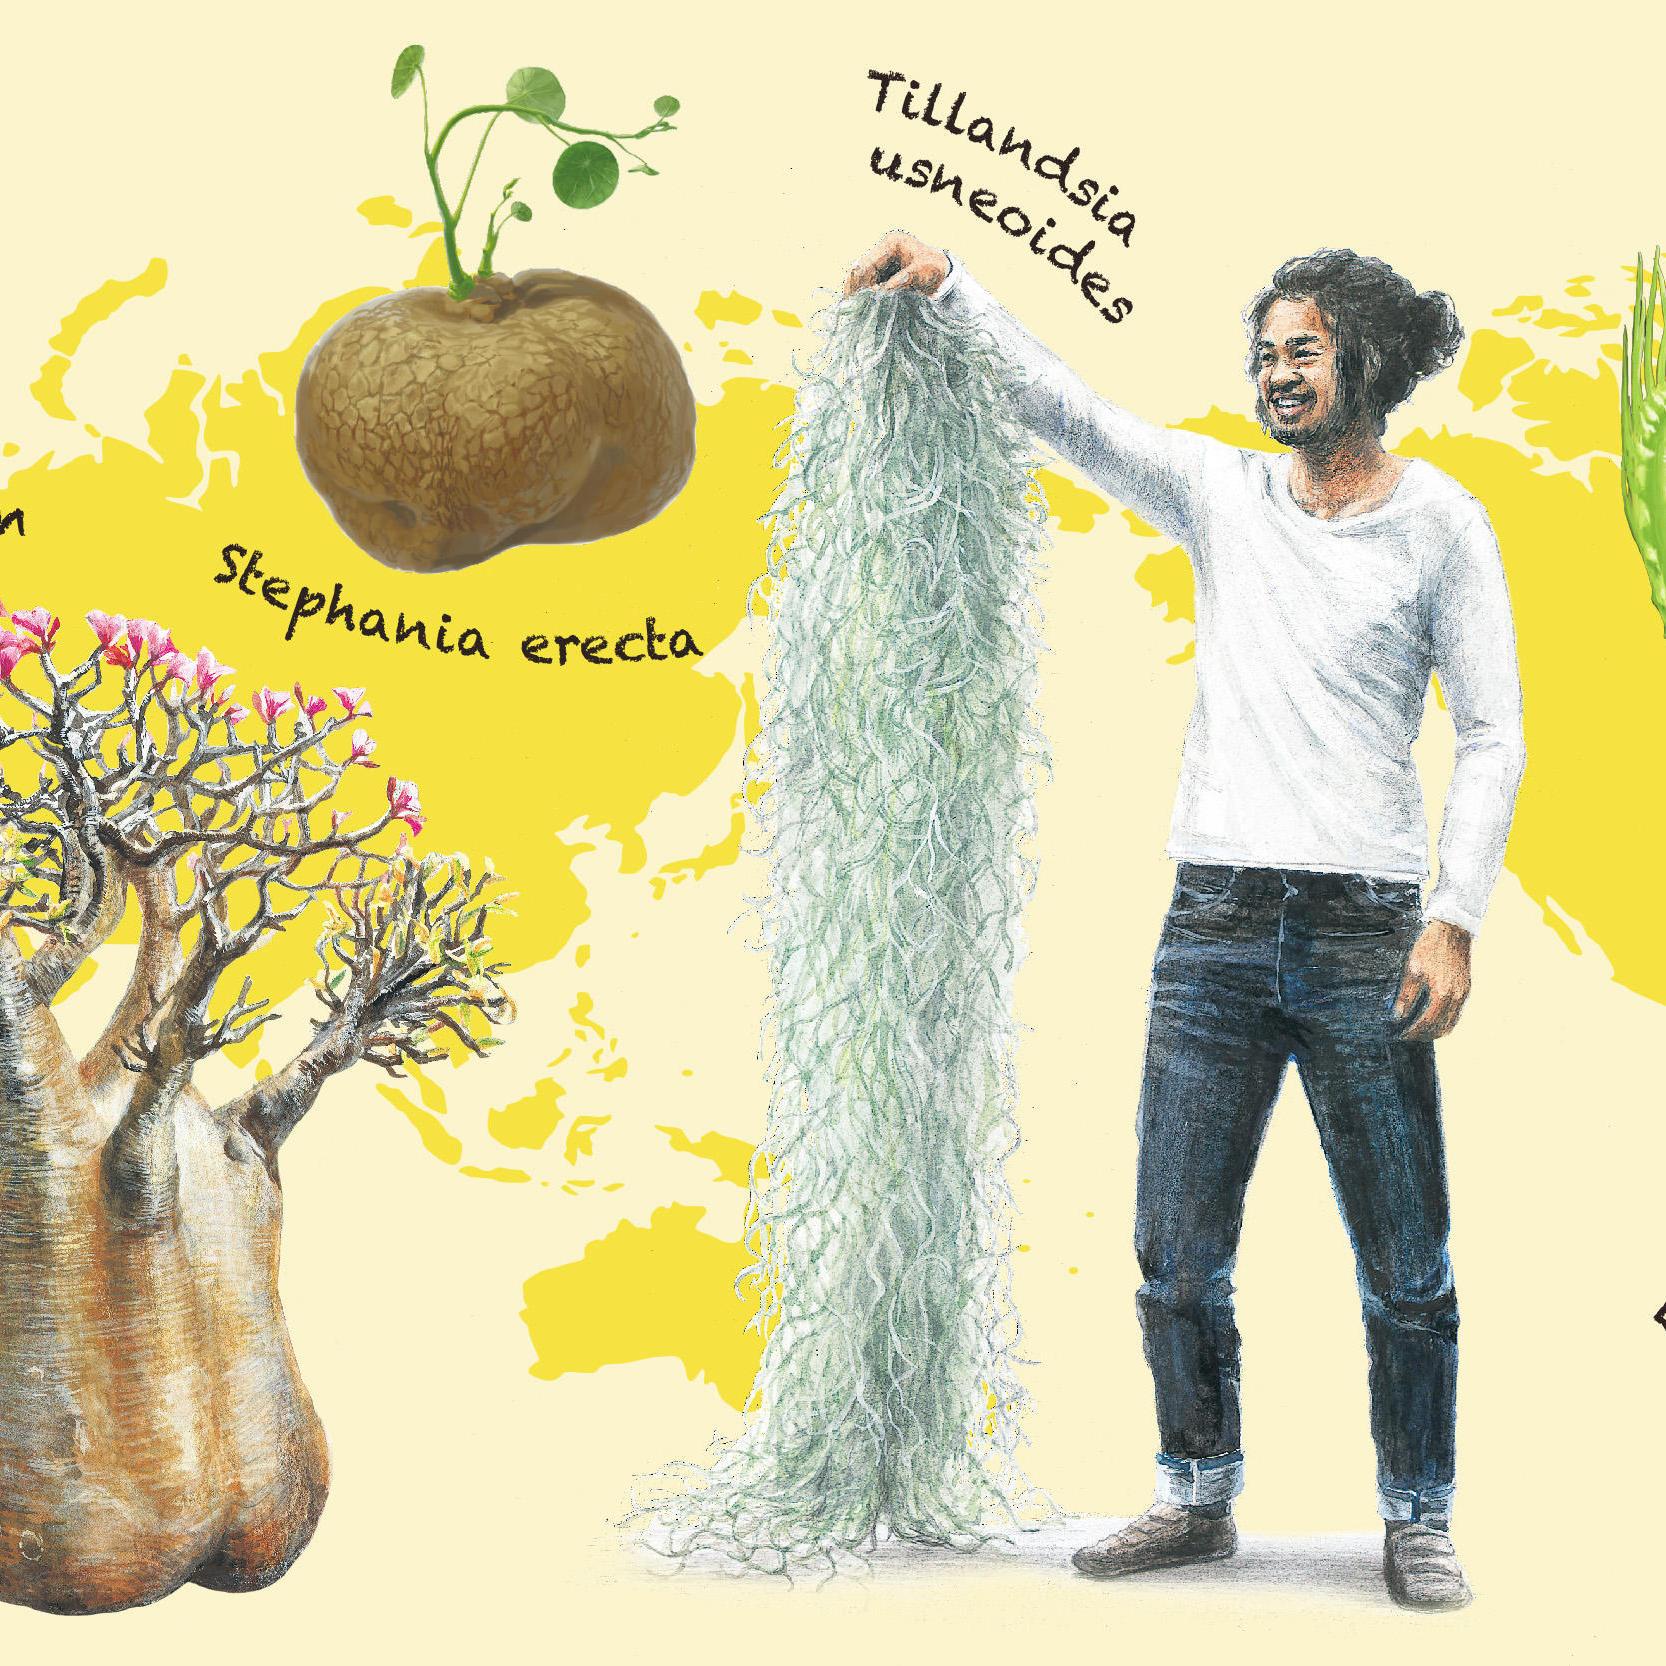 西畠清順 そらみみの旅 世界をめぐる植物の展覧会